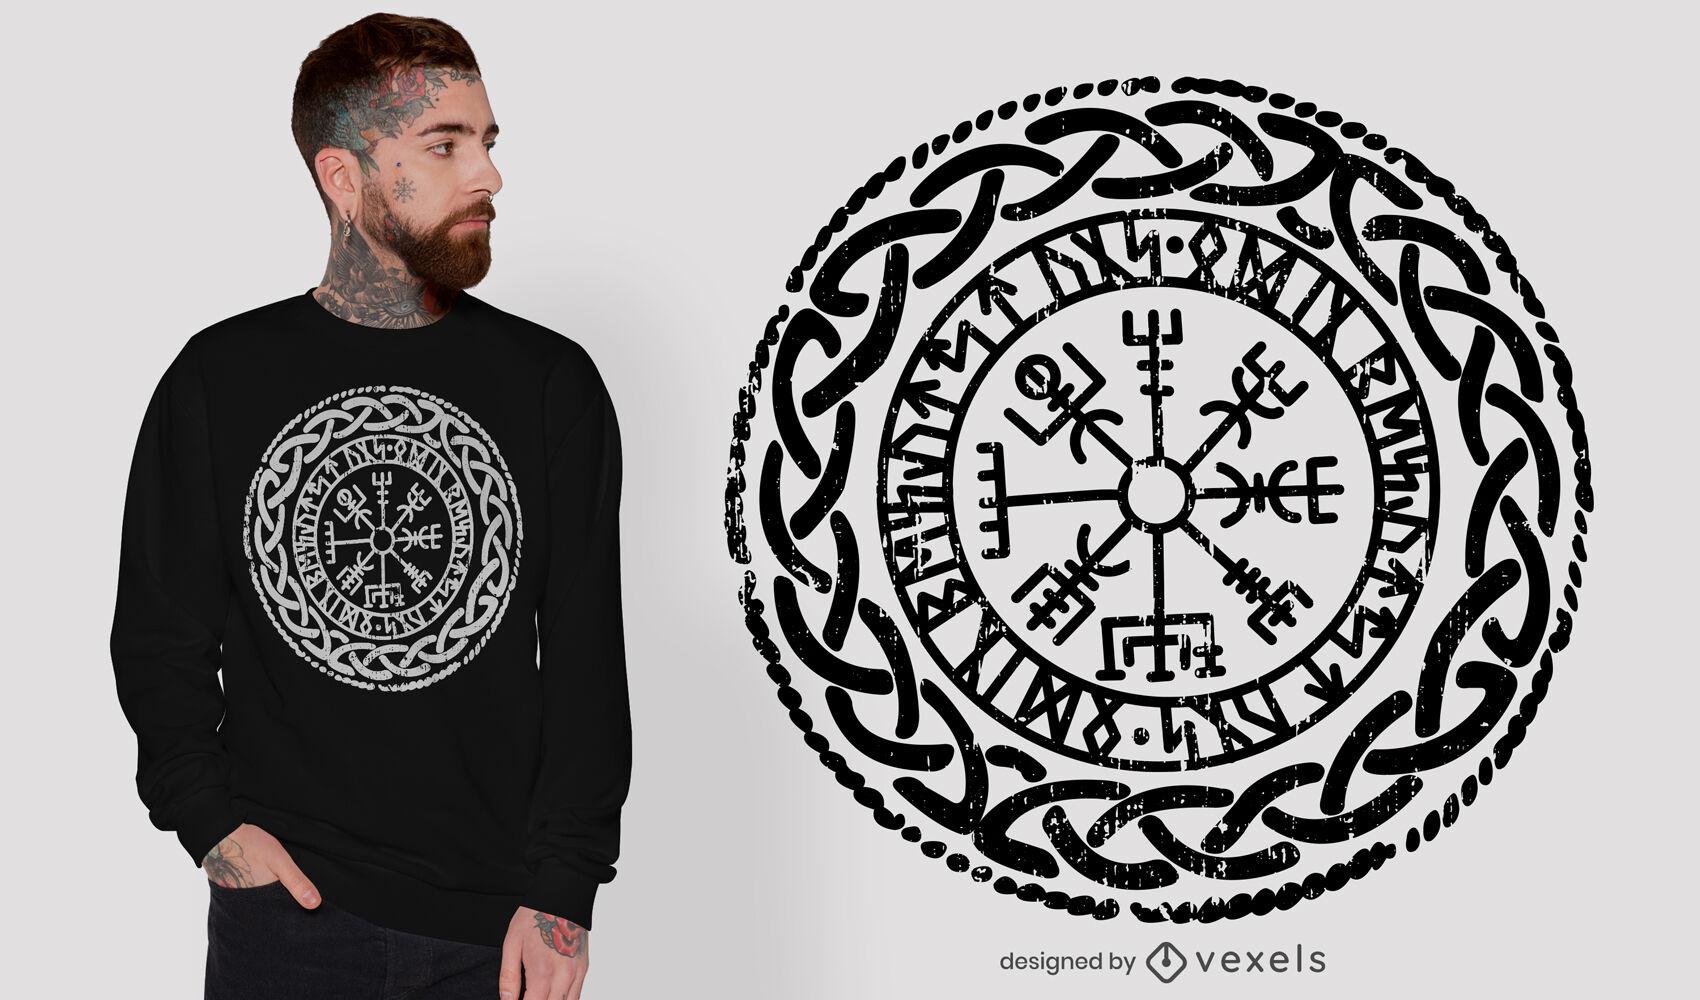 Diseño de camiseta de brújula y runas vikingas.